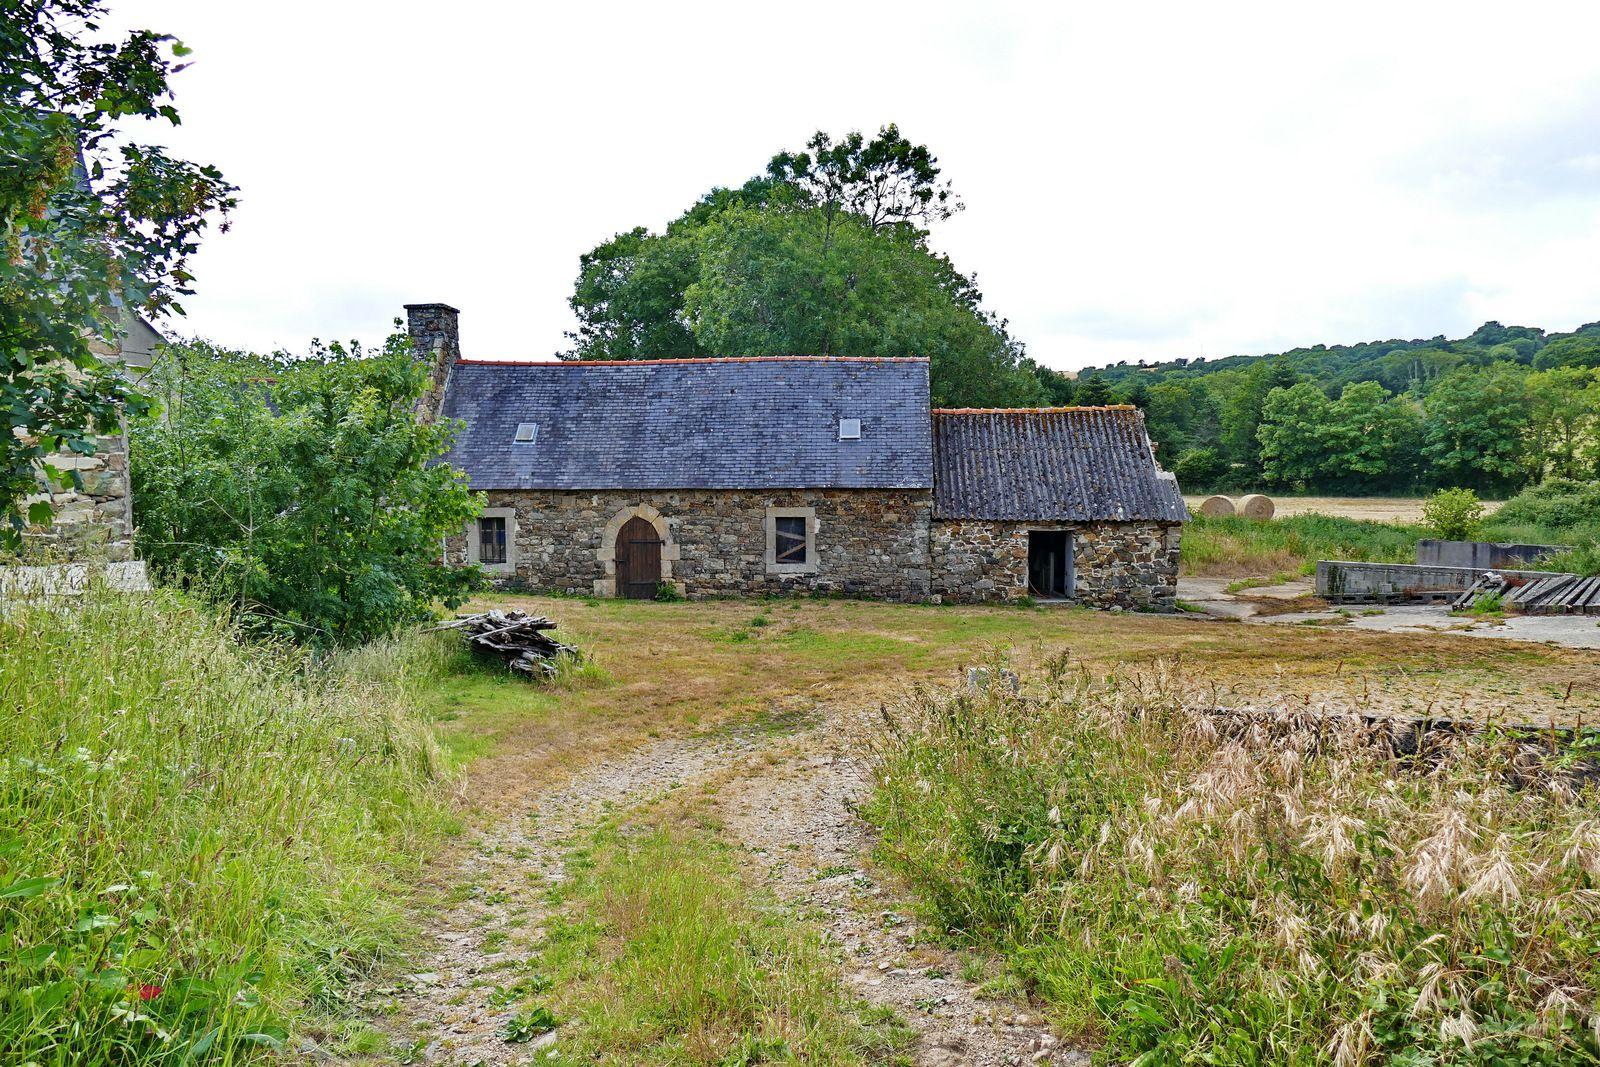 Le moulin de Ronvarc'h. Photographie lavieb-aile 6 juin 2020.